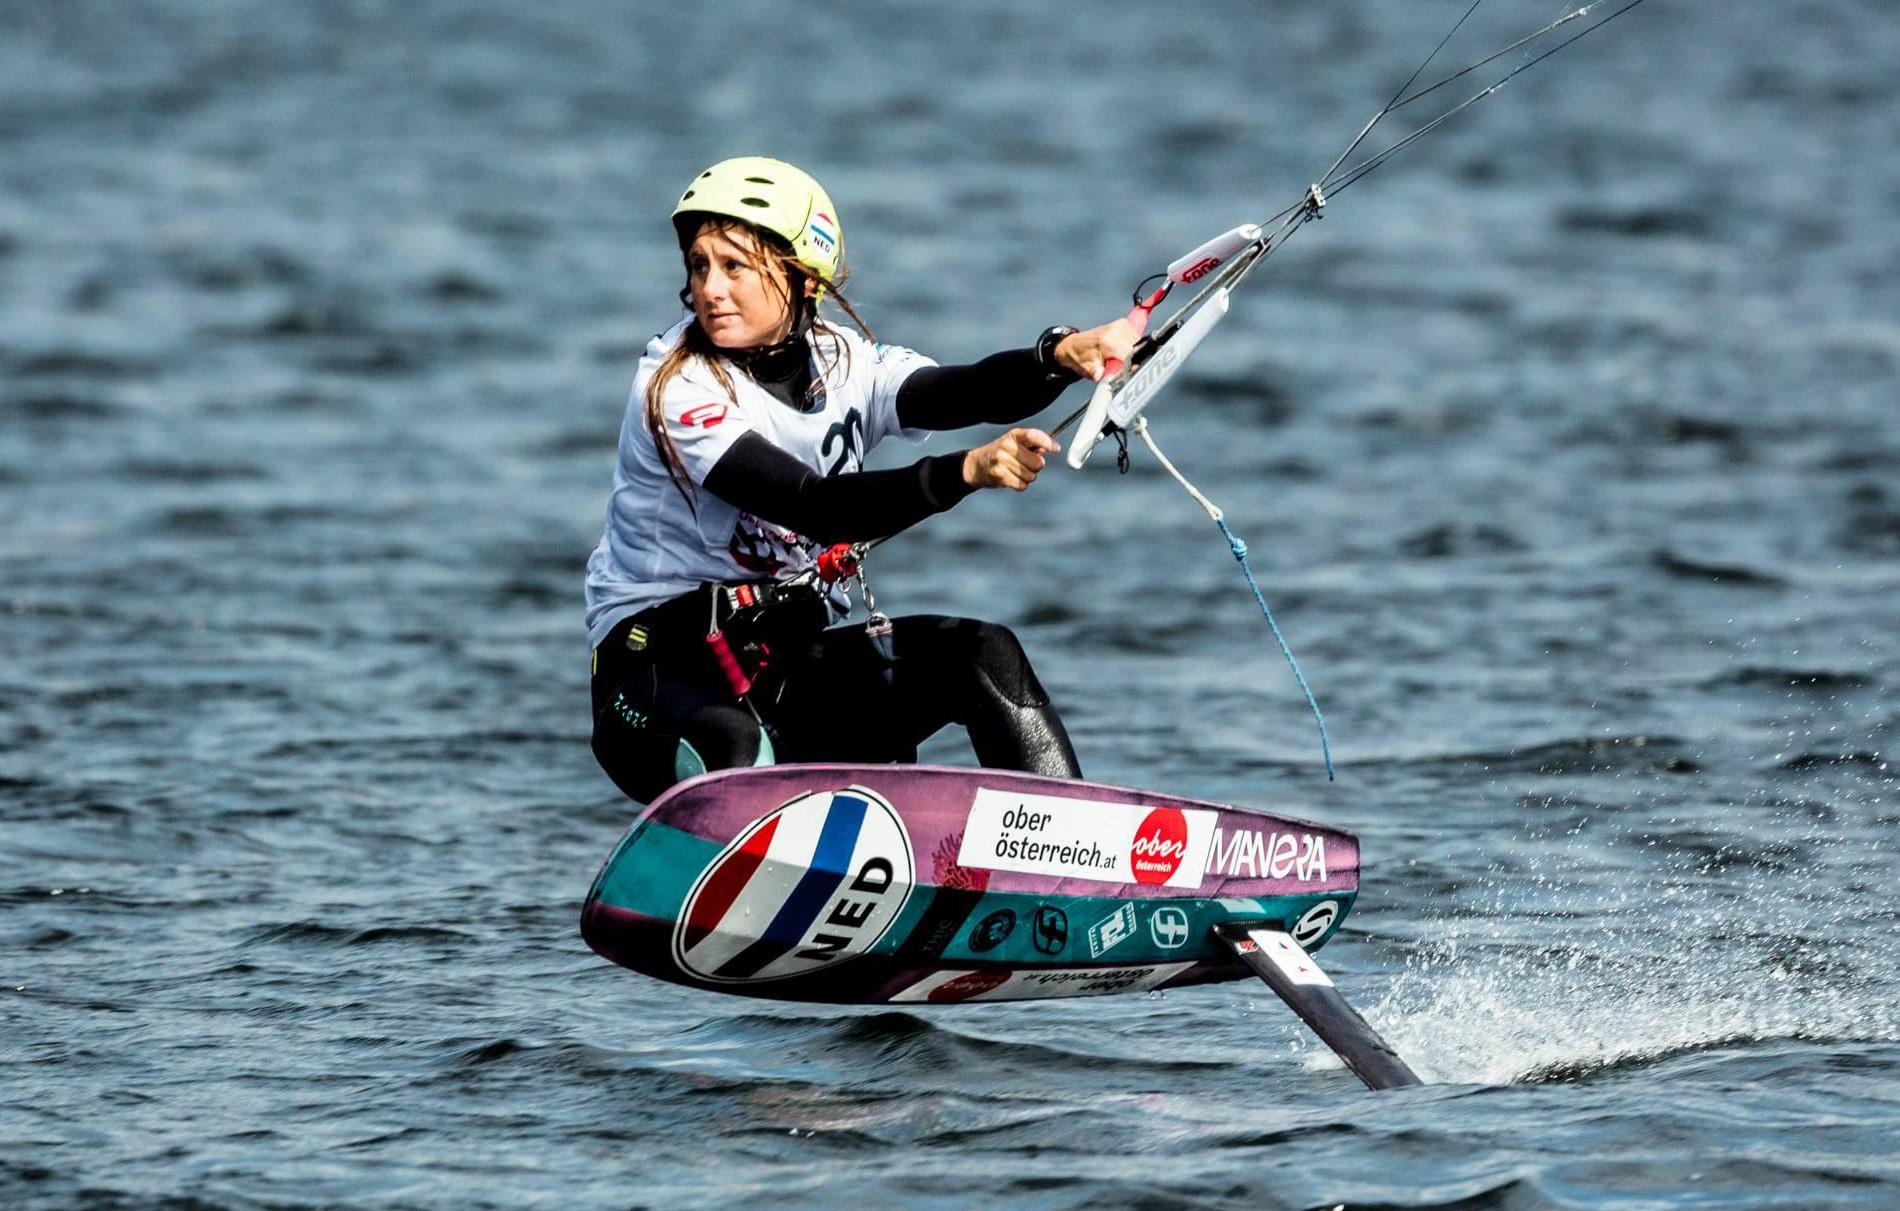 Castricumse Mariska Wildenberg (25) opgenomen in het traject voor Parijs 2024. 'Ik dacht dat kitefoilen een sport was voor oude mannen' [video]